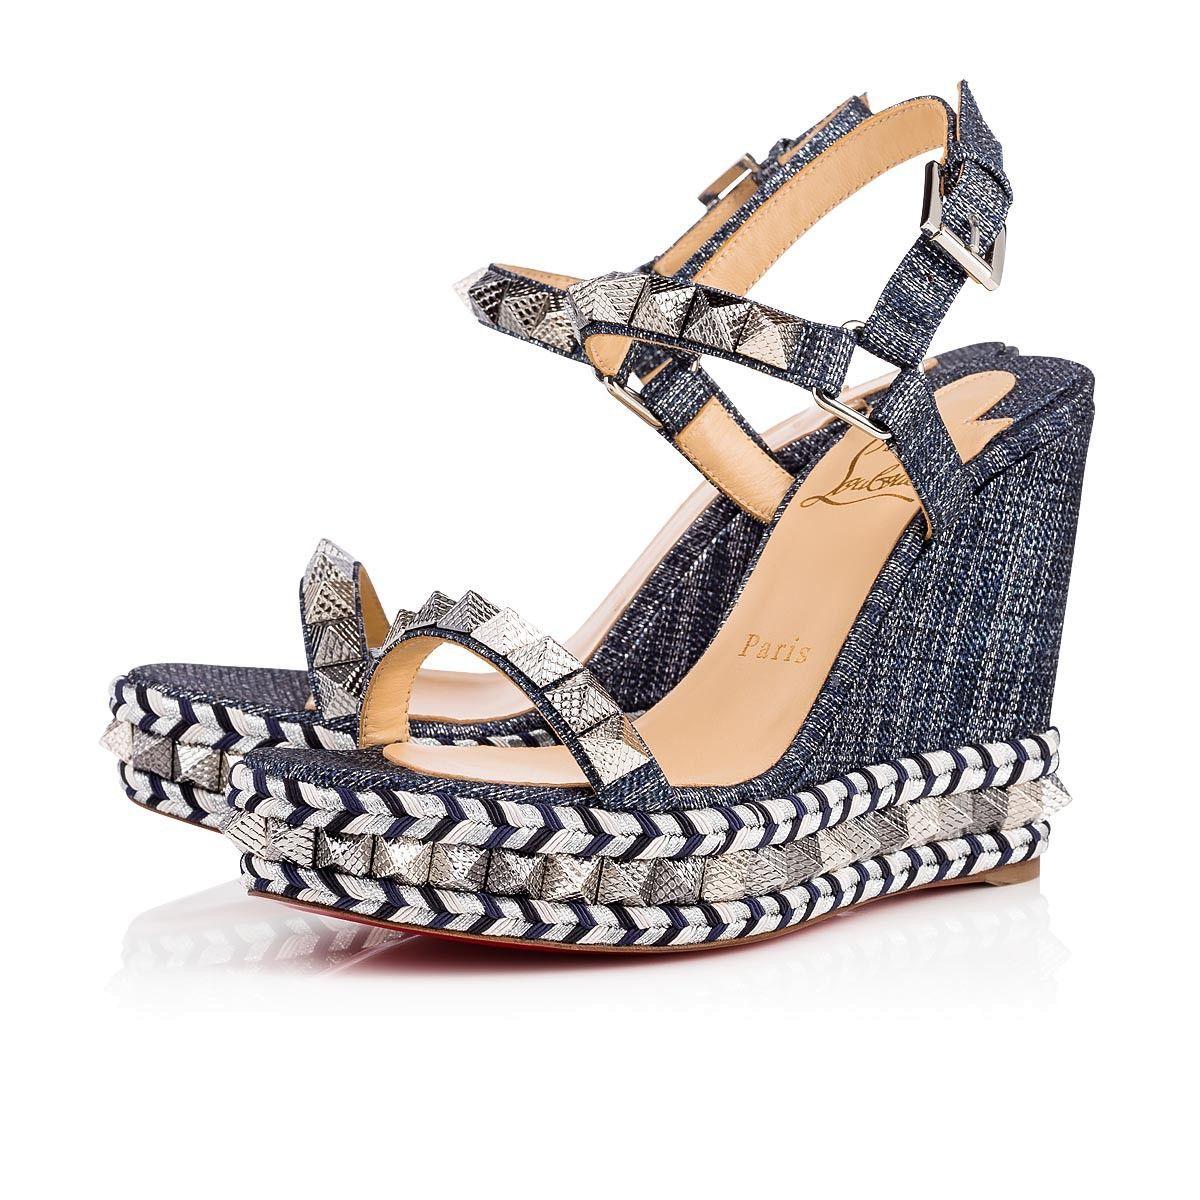 fb512fa581f Shoes - Pyraclou Lame Lux - Christian Louboutin